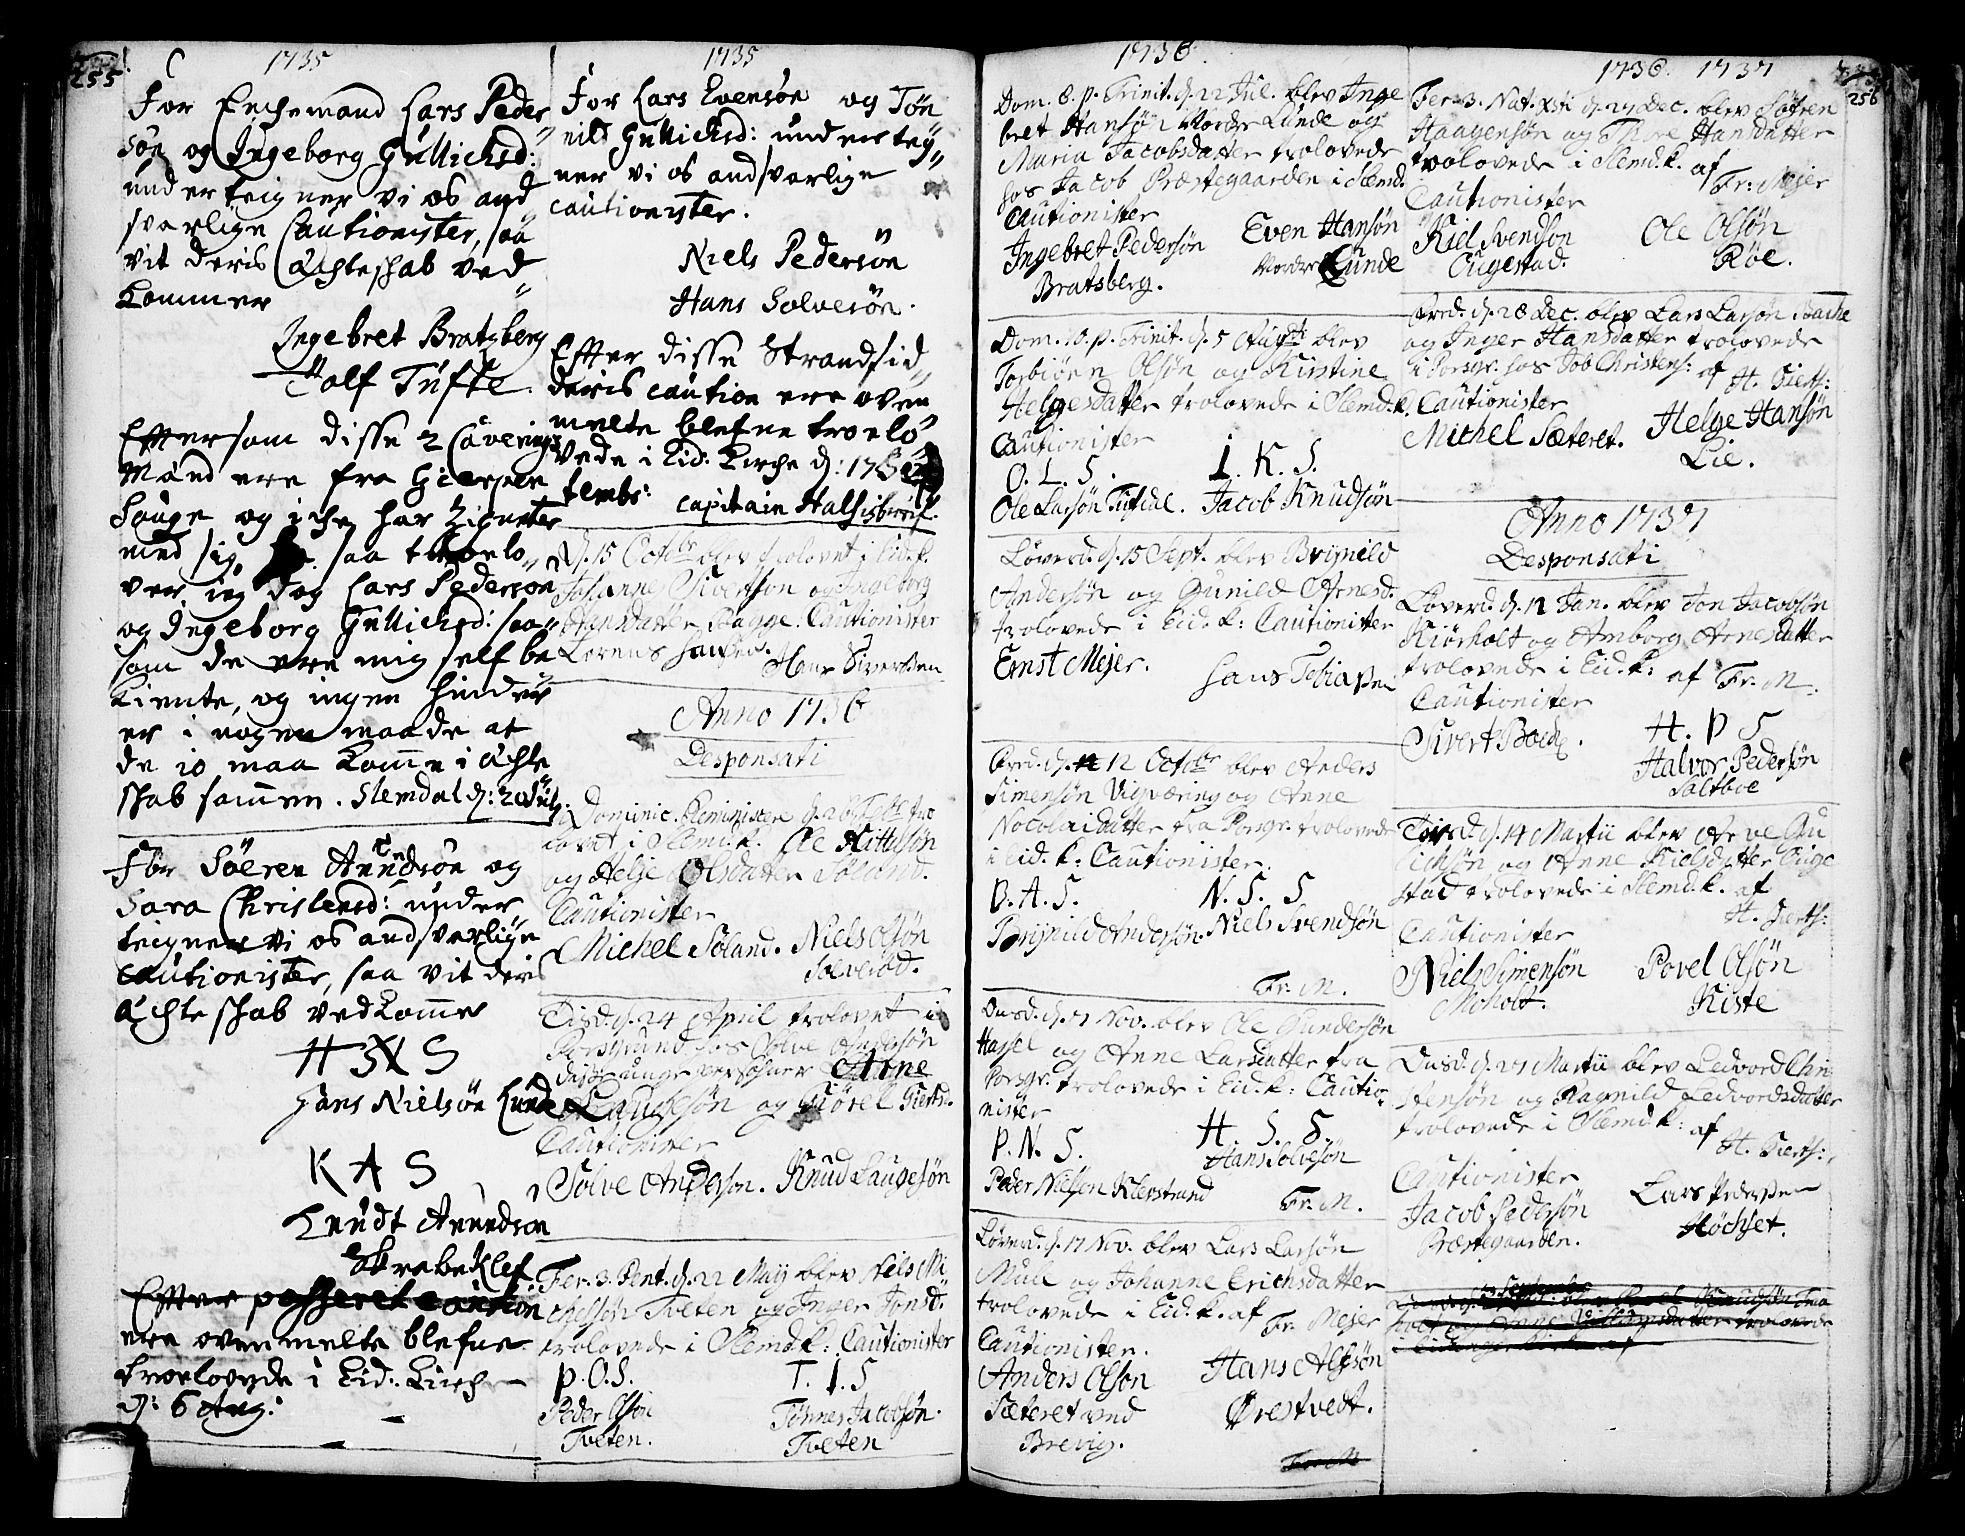 SAKO, Eidanger kirkebøker, F/Fa/L0004: Ministerialbok nr. 4, 1733-1759, s. 255-256